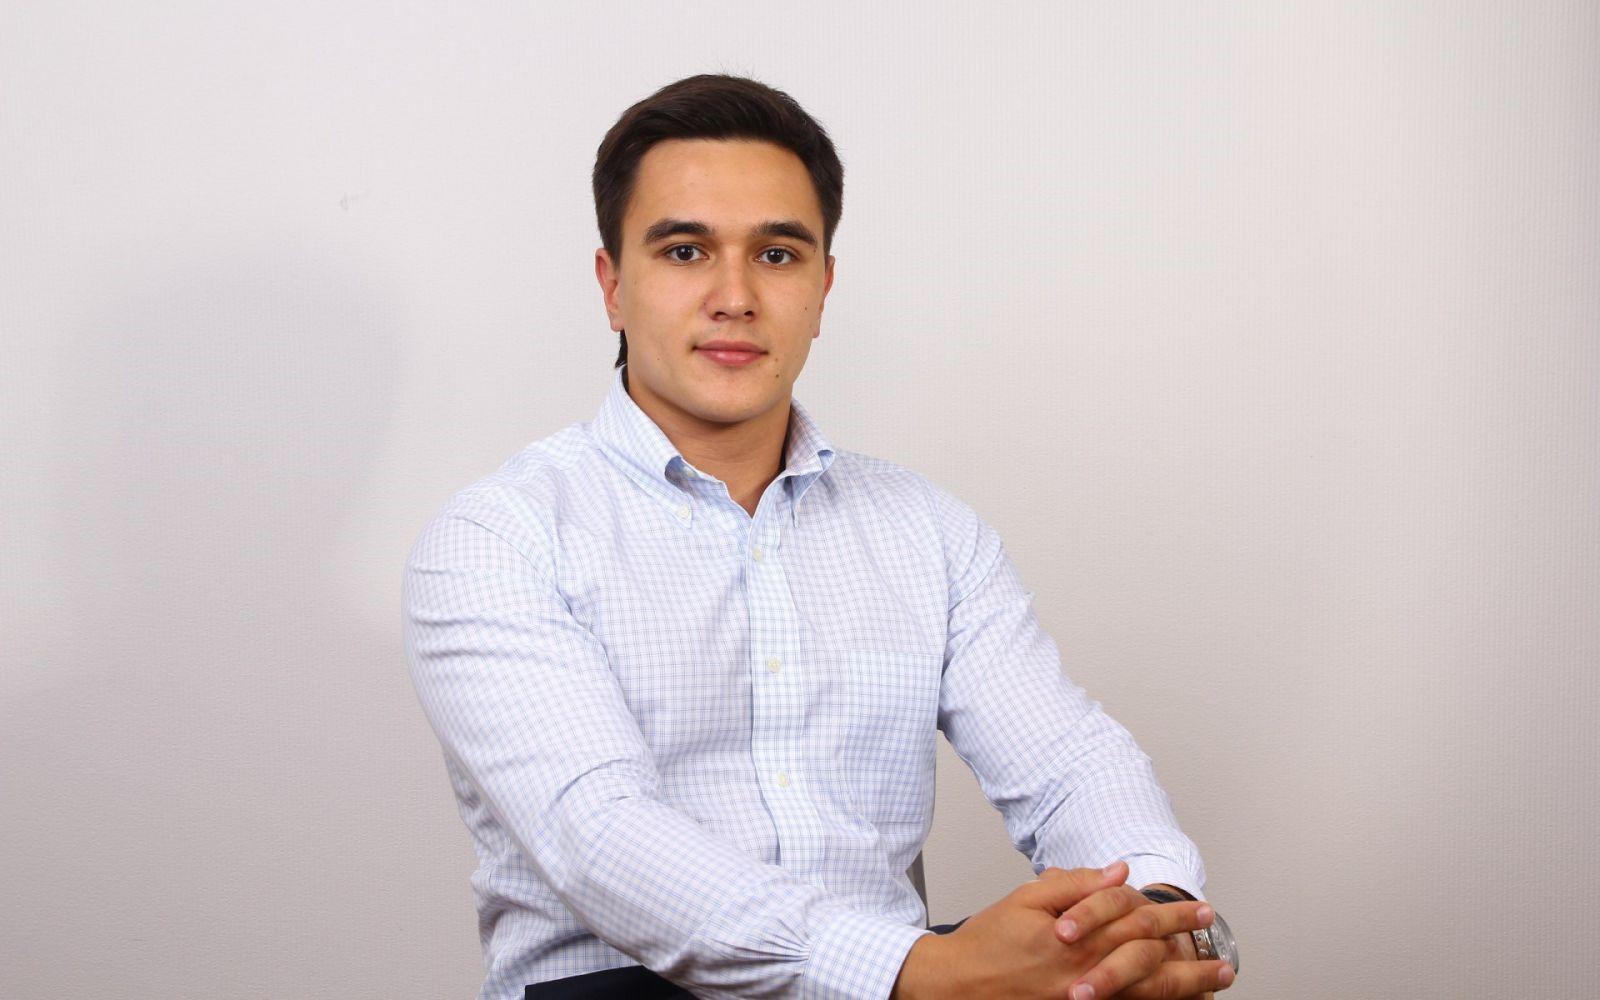 Экономист Владислав Жуковский